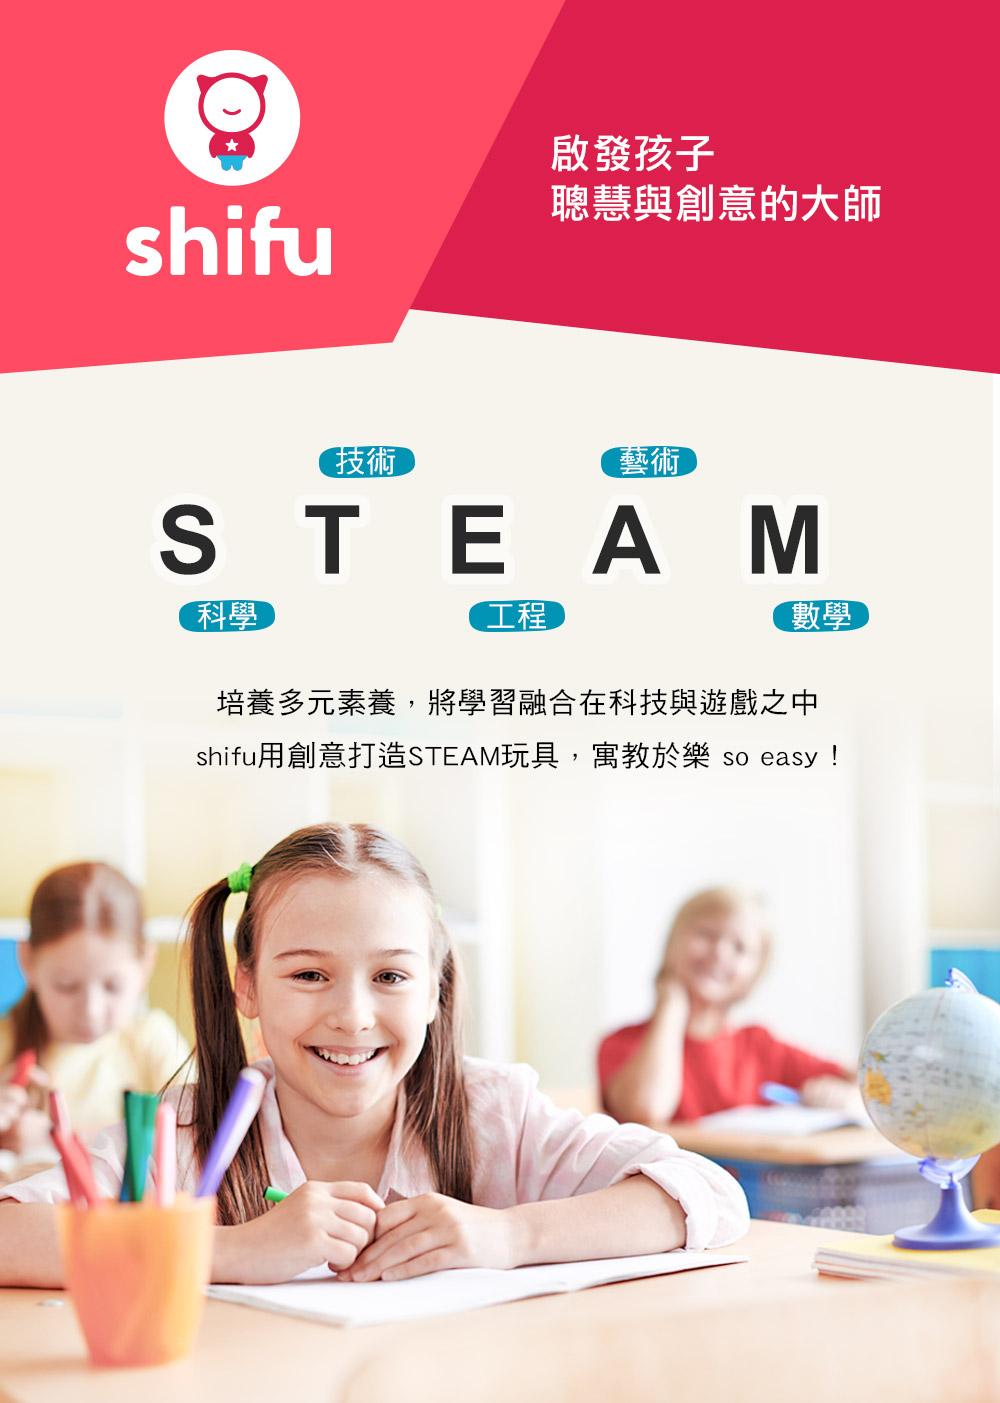 shifu 互動式玩具品牌